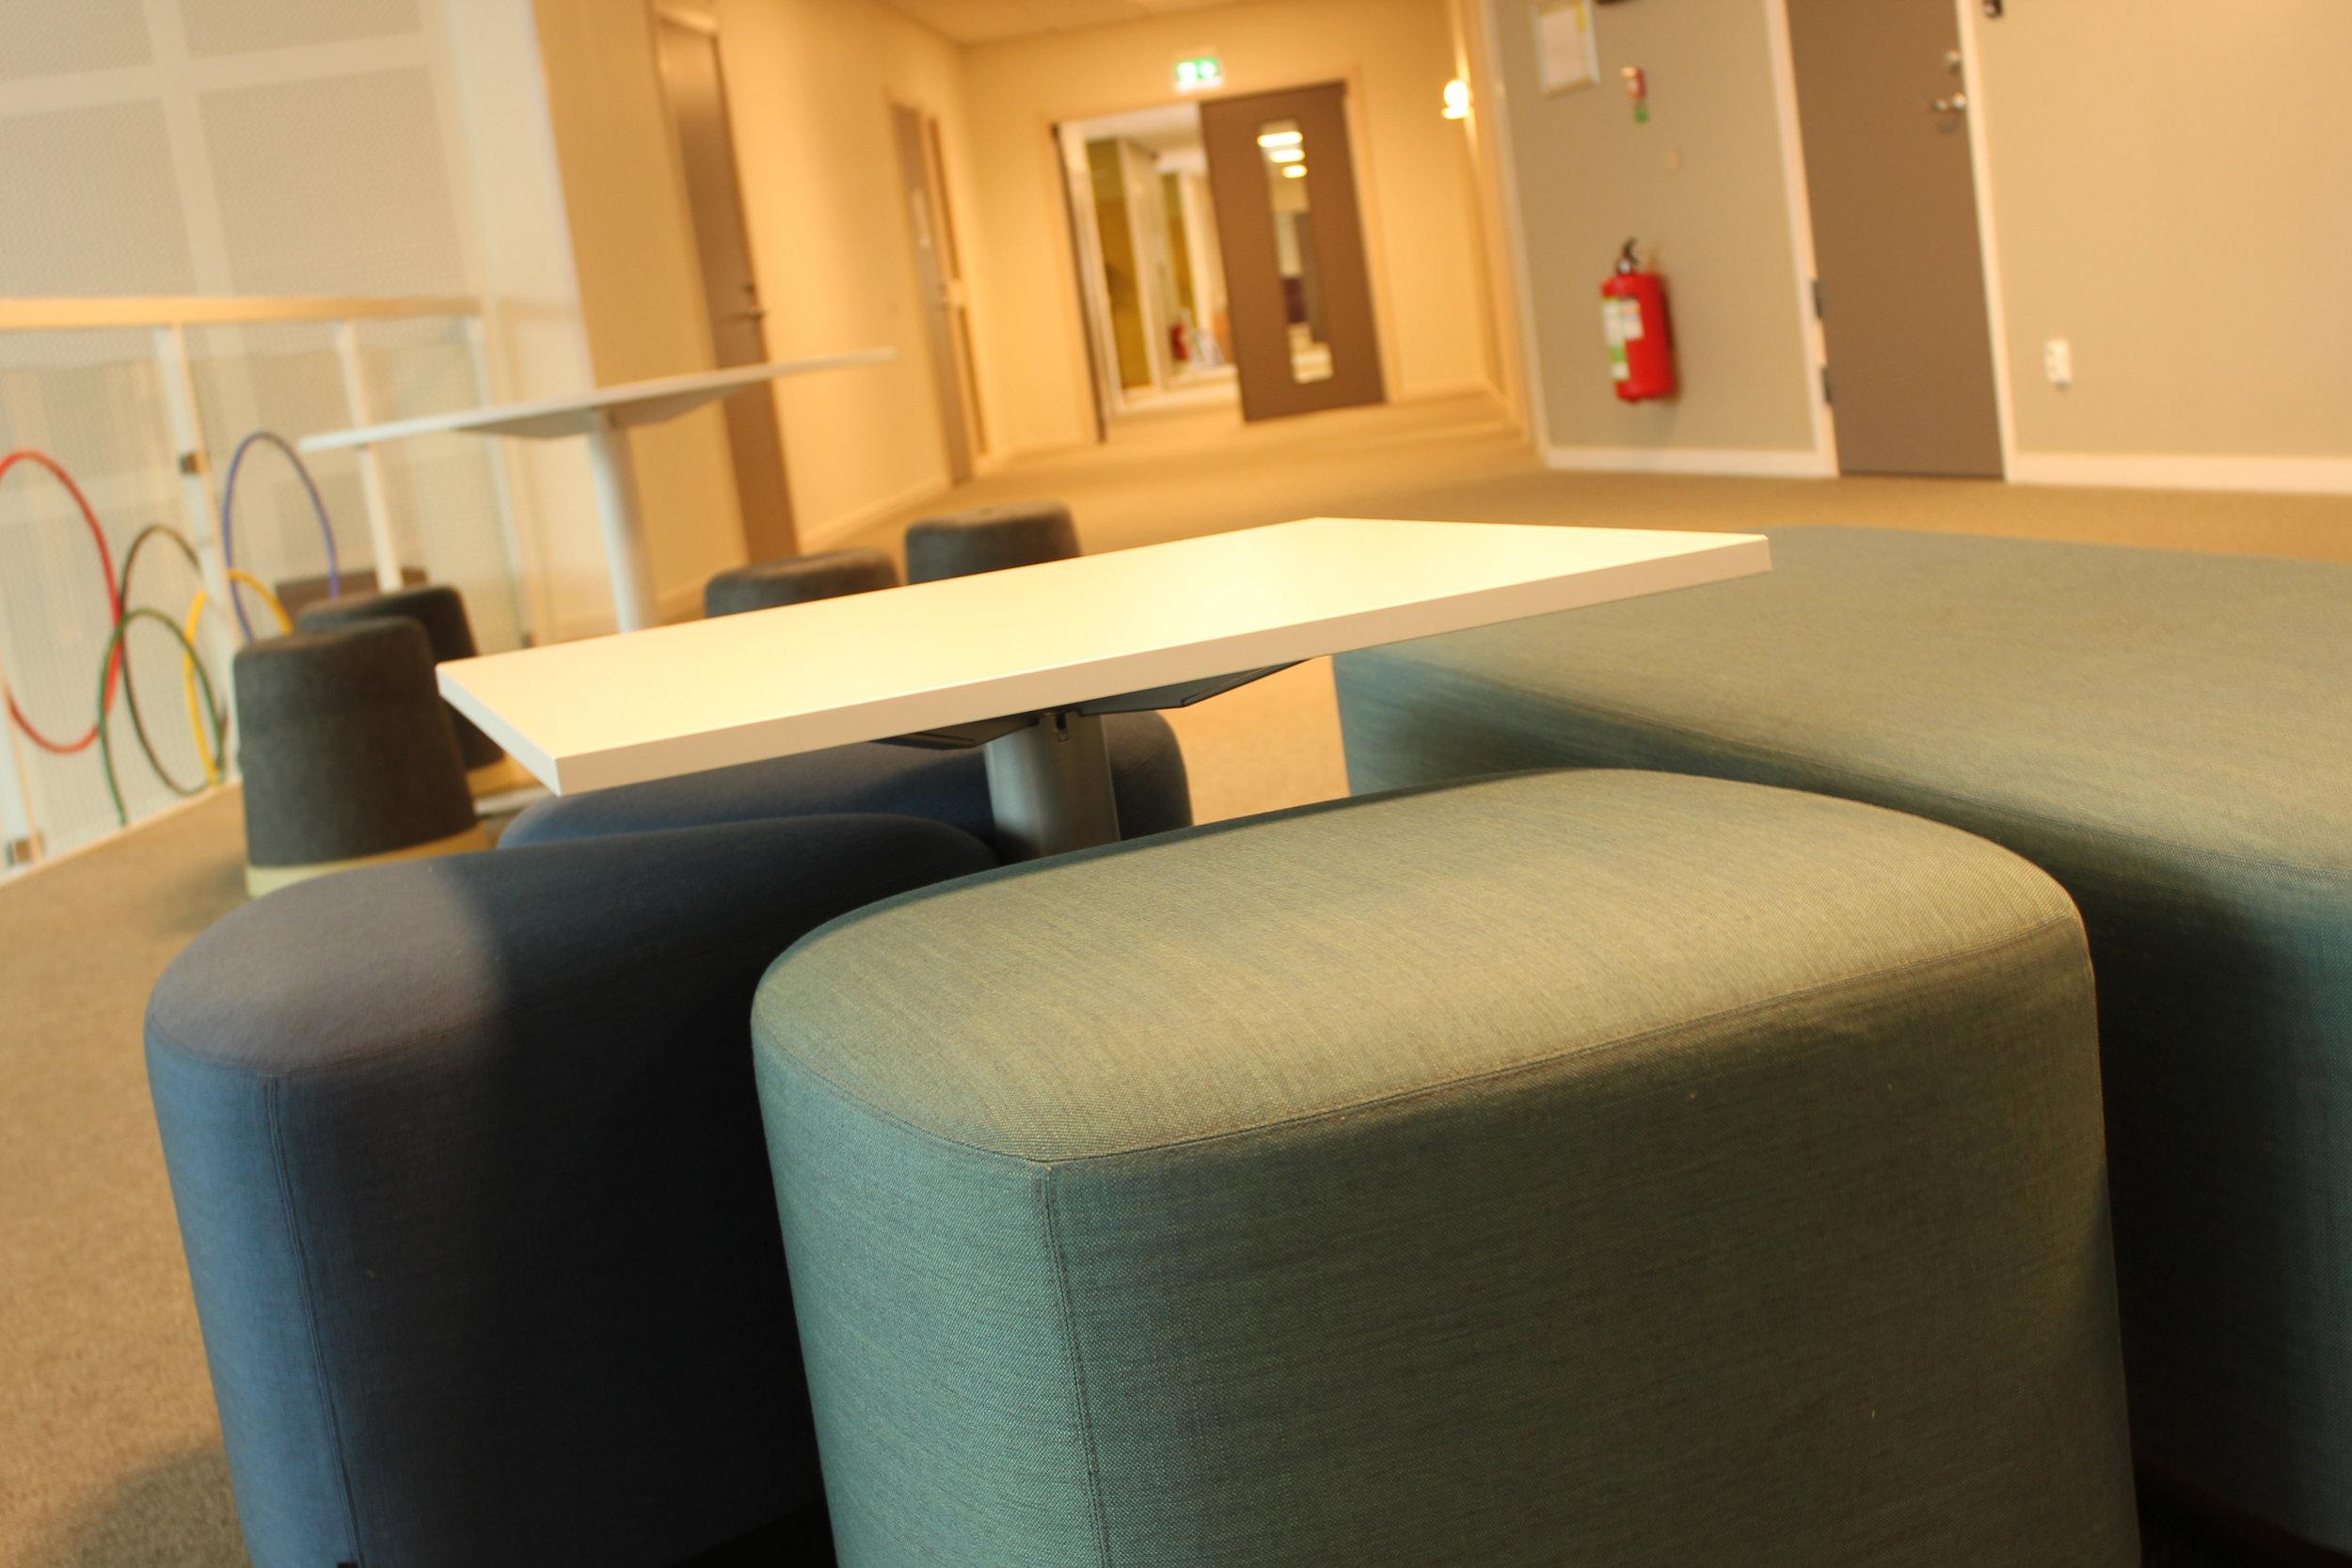 Ja, sittplatser för arbete utanför hemvisterna finns det gott om på grundskolan i Lidköping. Sköna, dessutom!